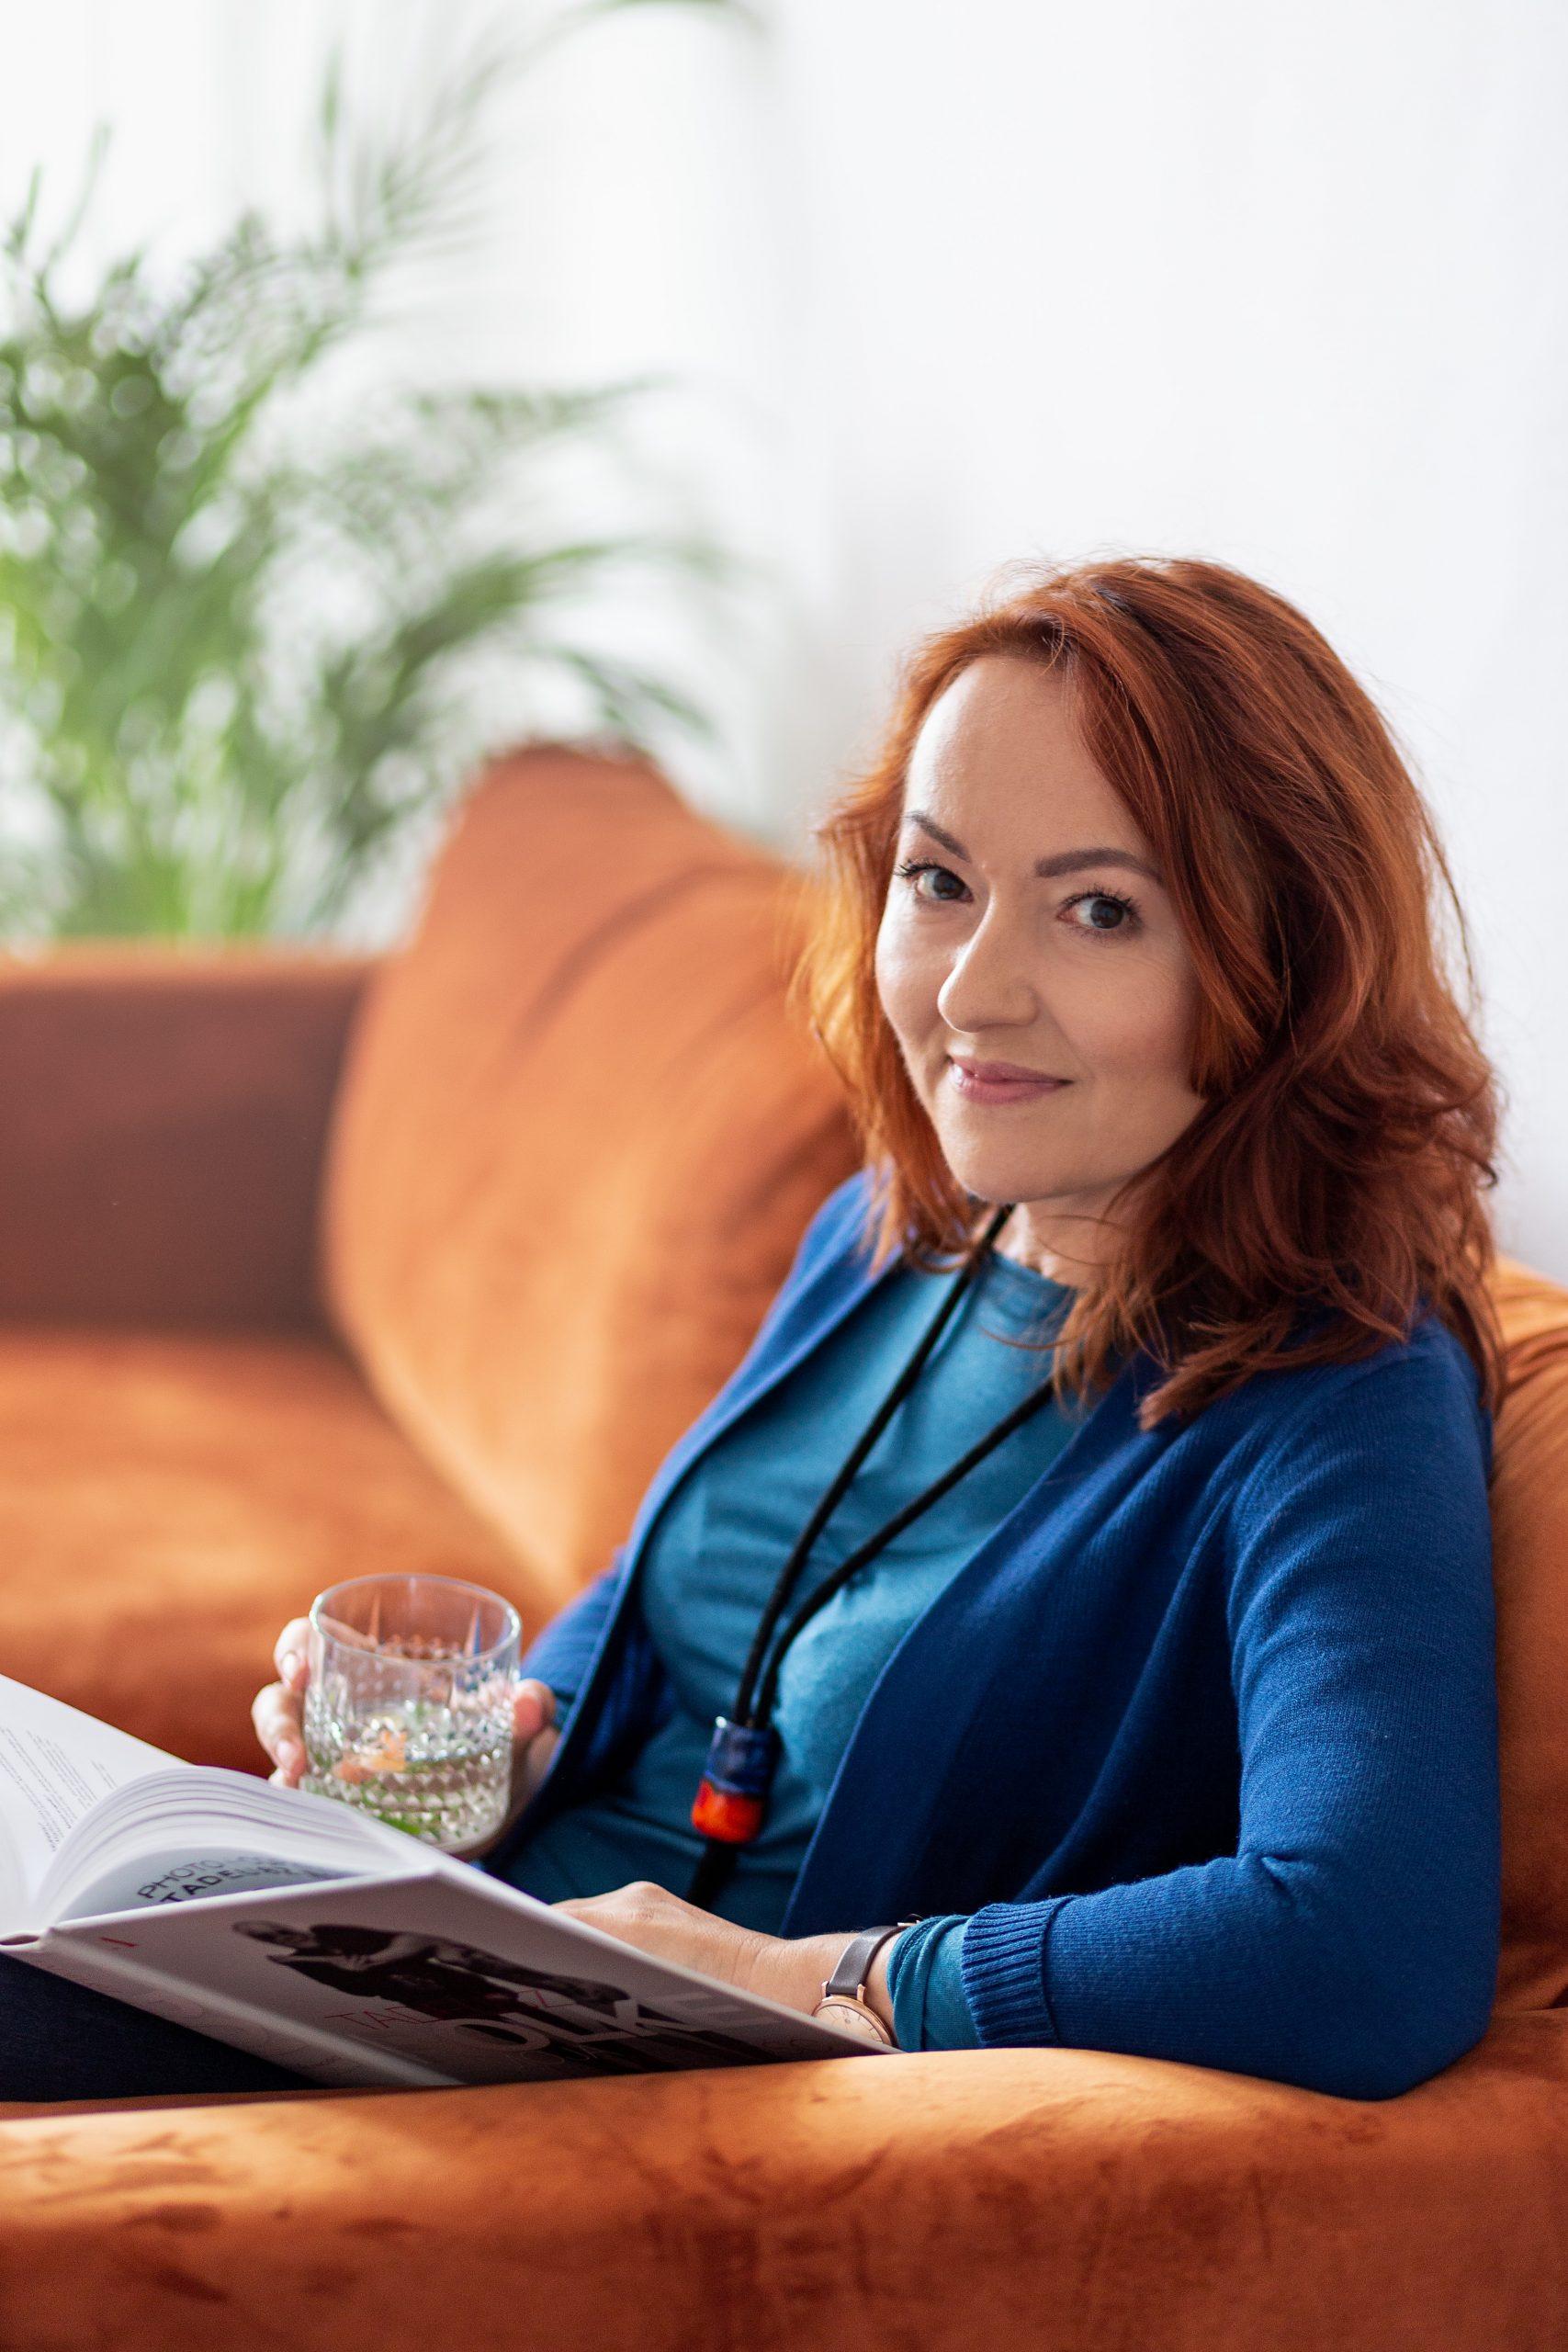 Anna Witkiewicz w nieformalnej stylizacji trzymająca książkę o tematyce coachingowej